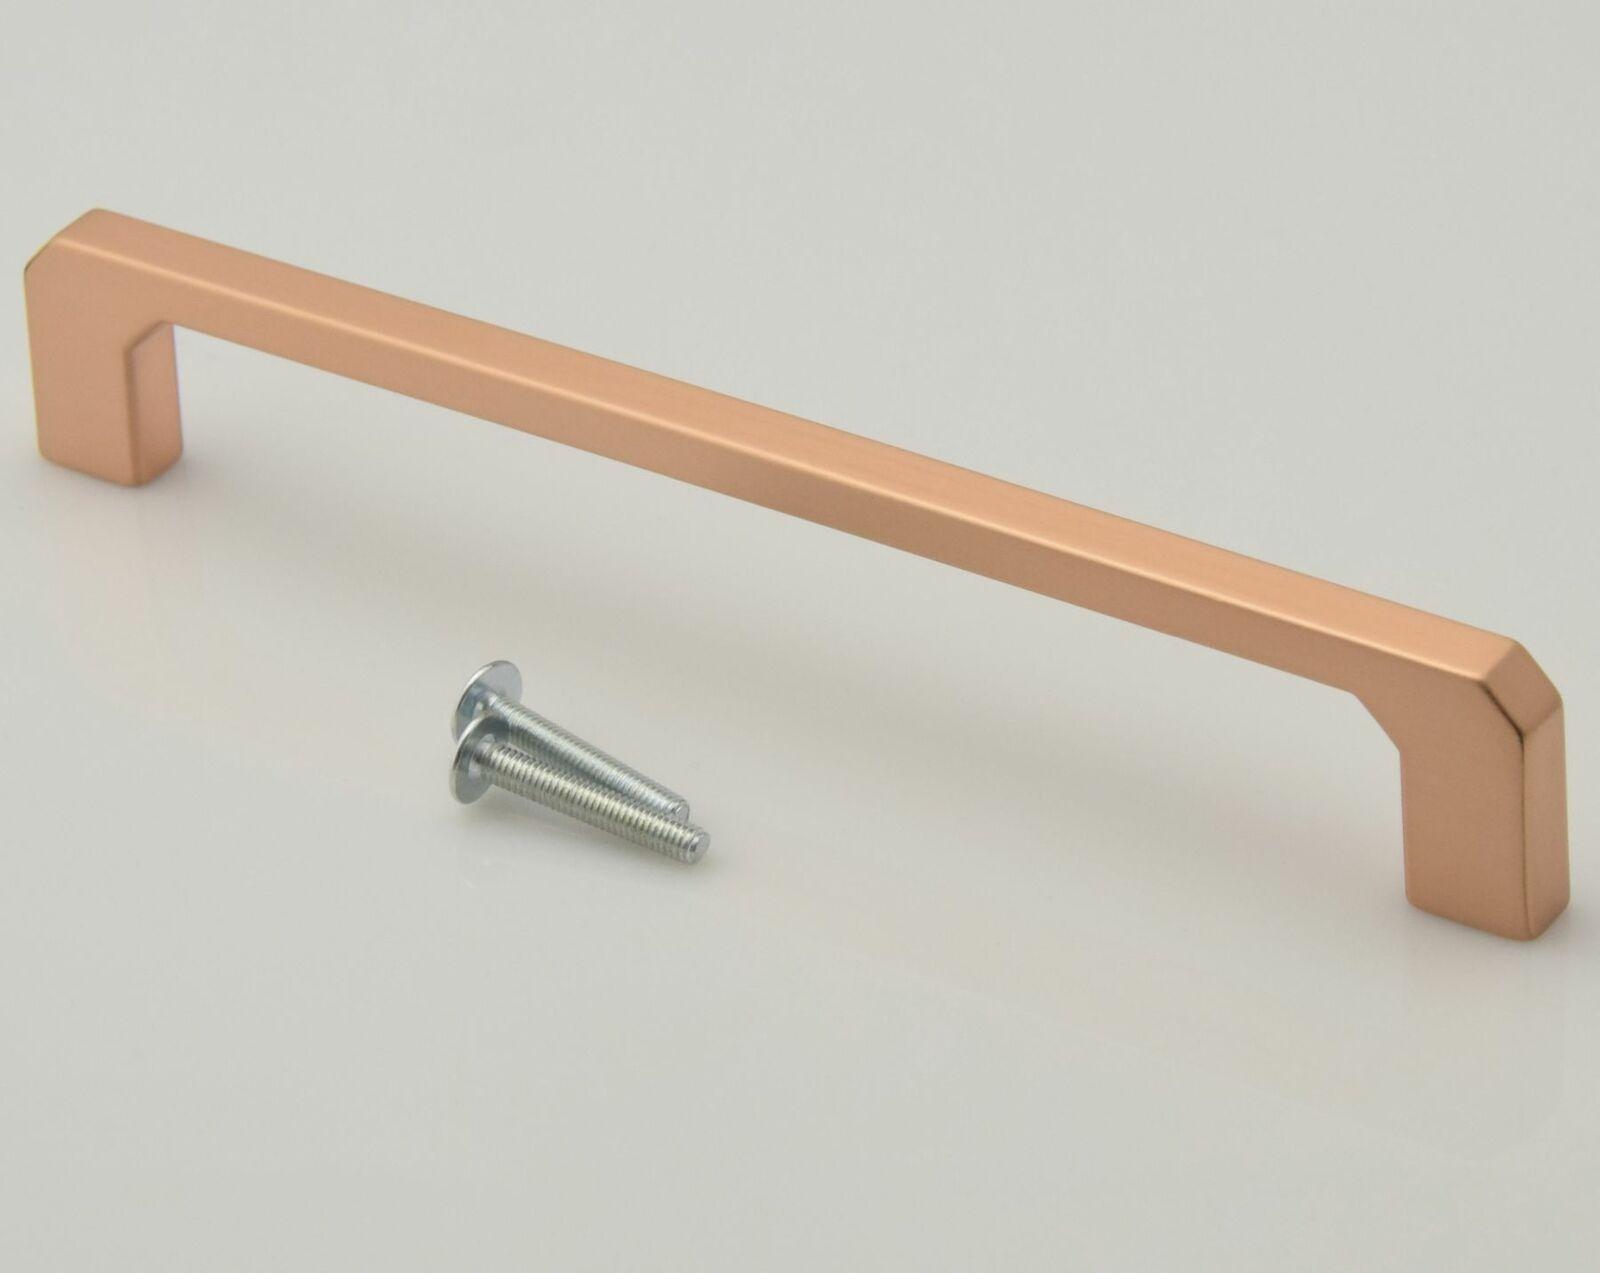 Schrankgriff Möbelgriff Griffe Küche BA 160 mm Kupfer matt Landhausstil  *735-28